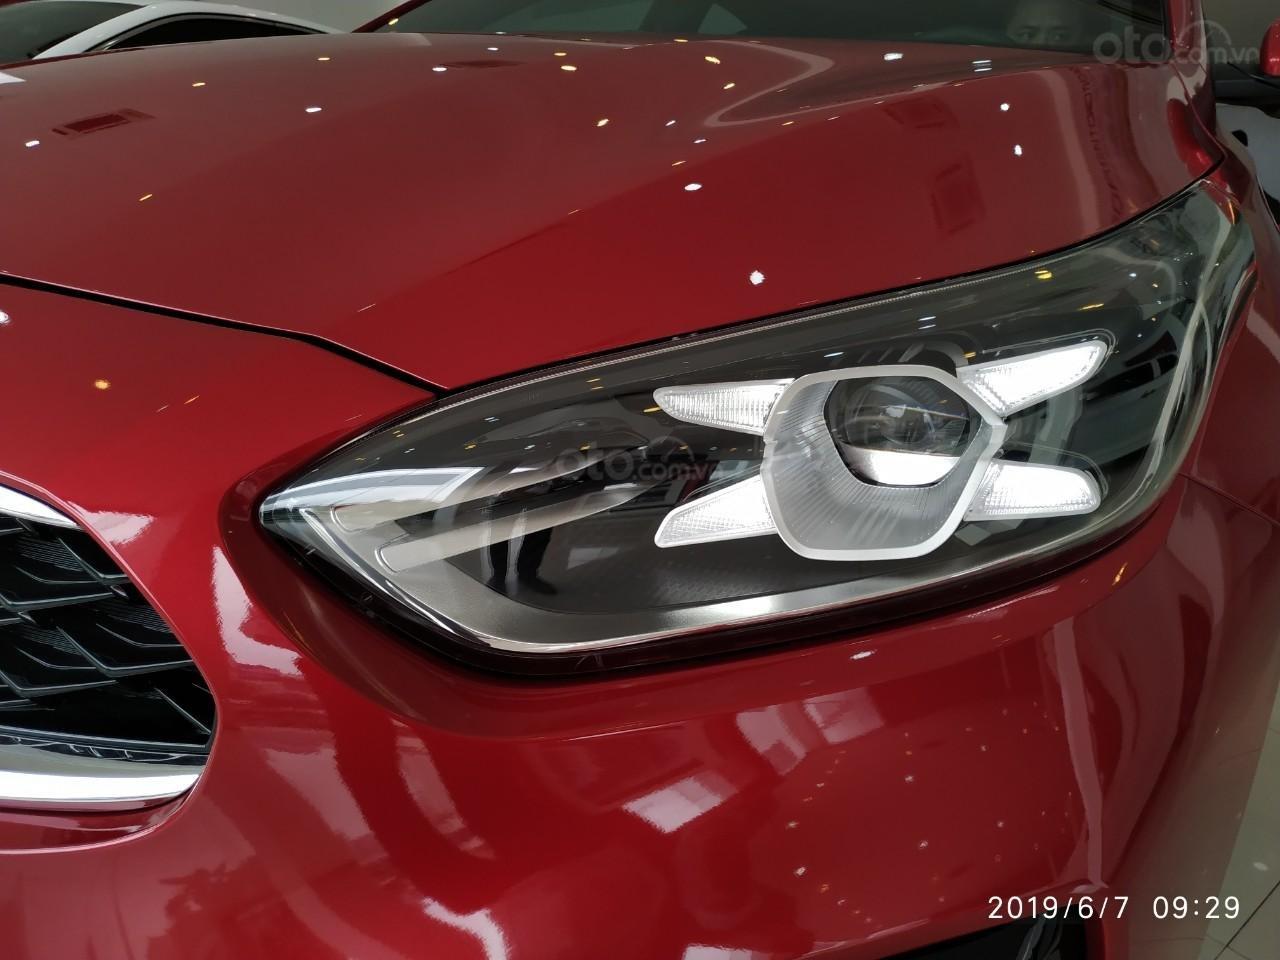 Kia Cerato 2.0 Prenium 2019, ưu đãi tháng 11 giảm giá cực sâu, tặng nhiều KM (TM PK) LH: 0389245245 (8)